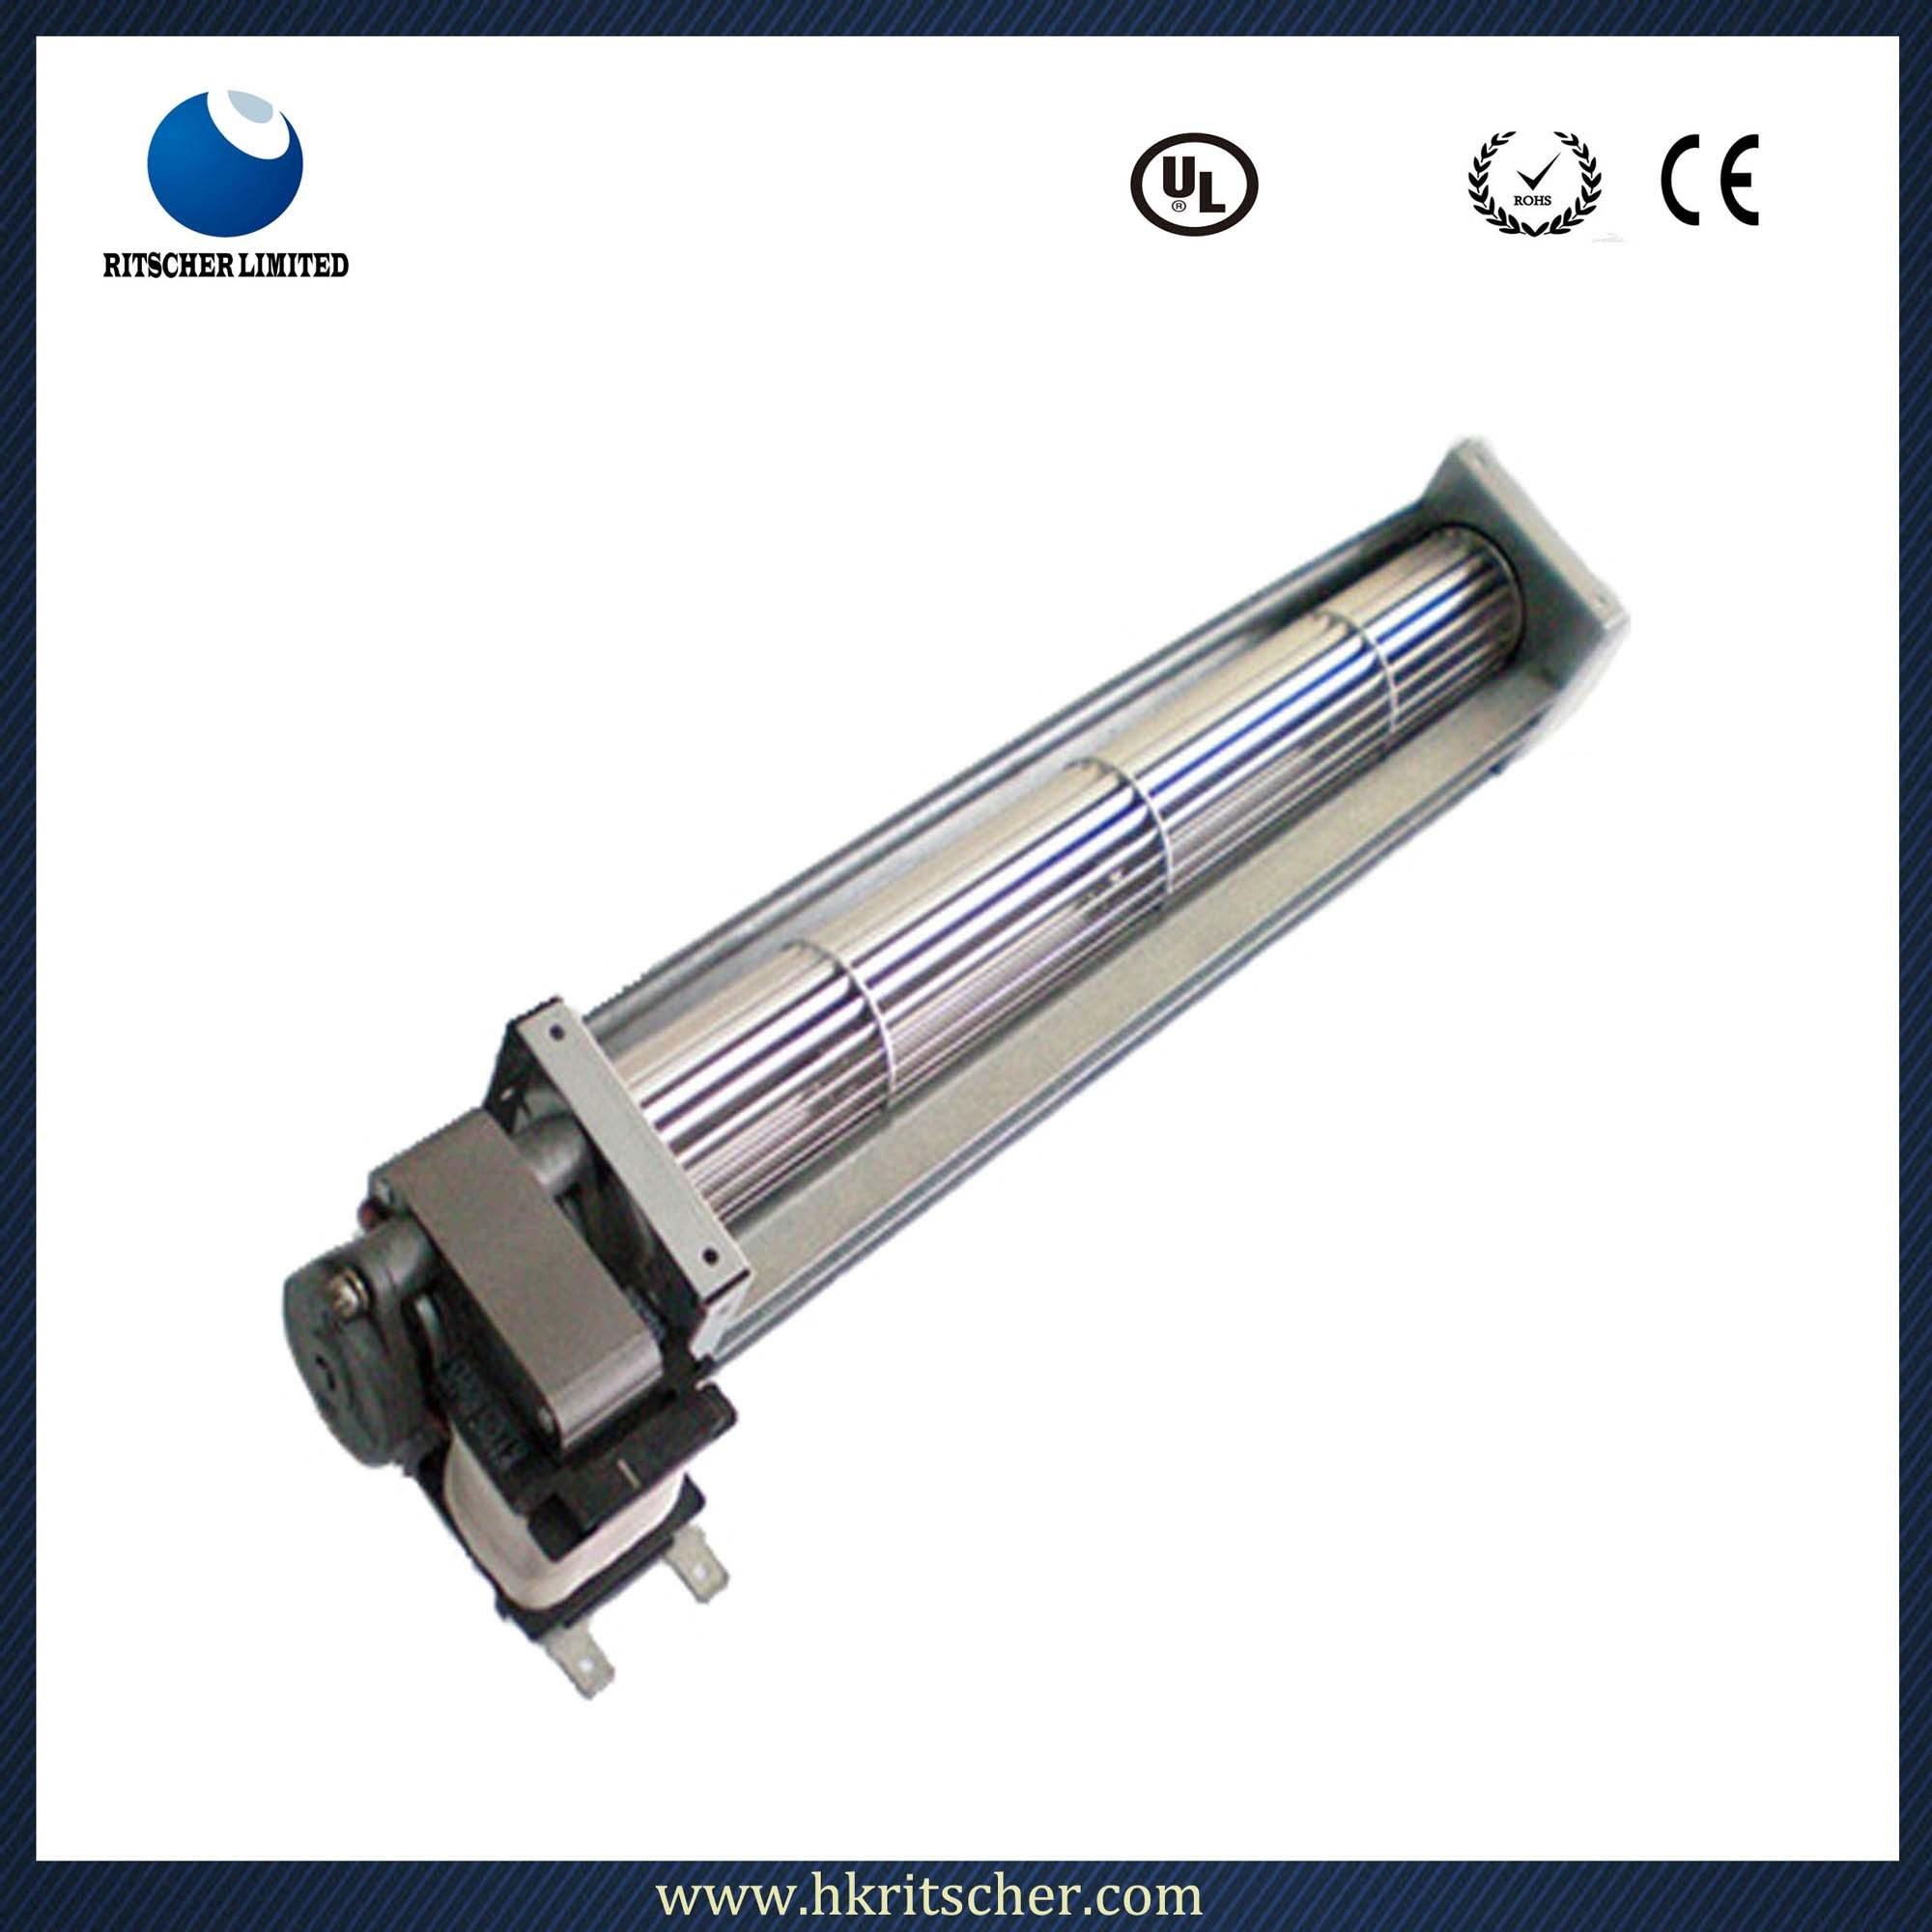 Factory AC 2-200W Extractor Fan